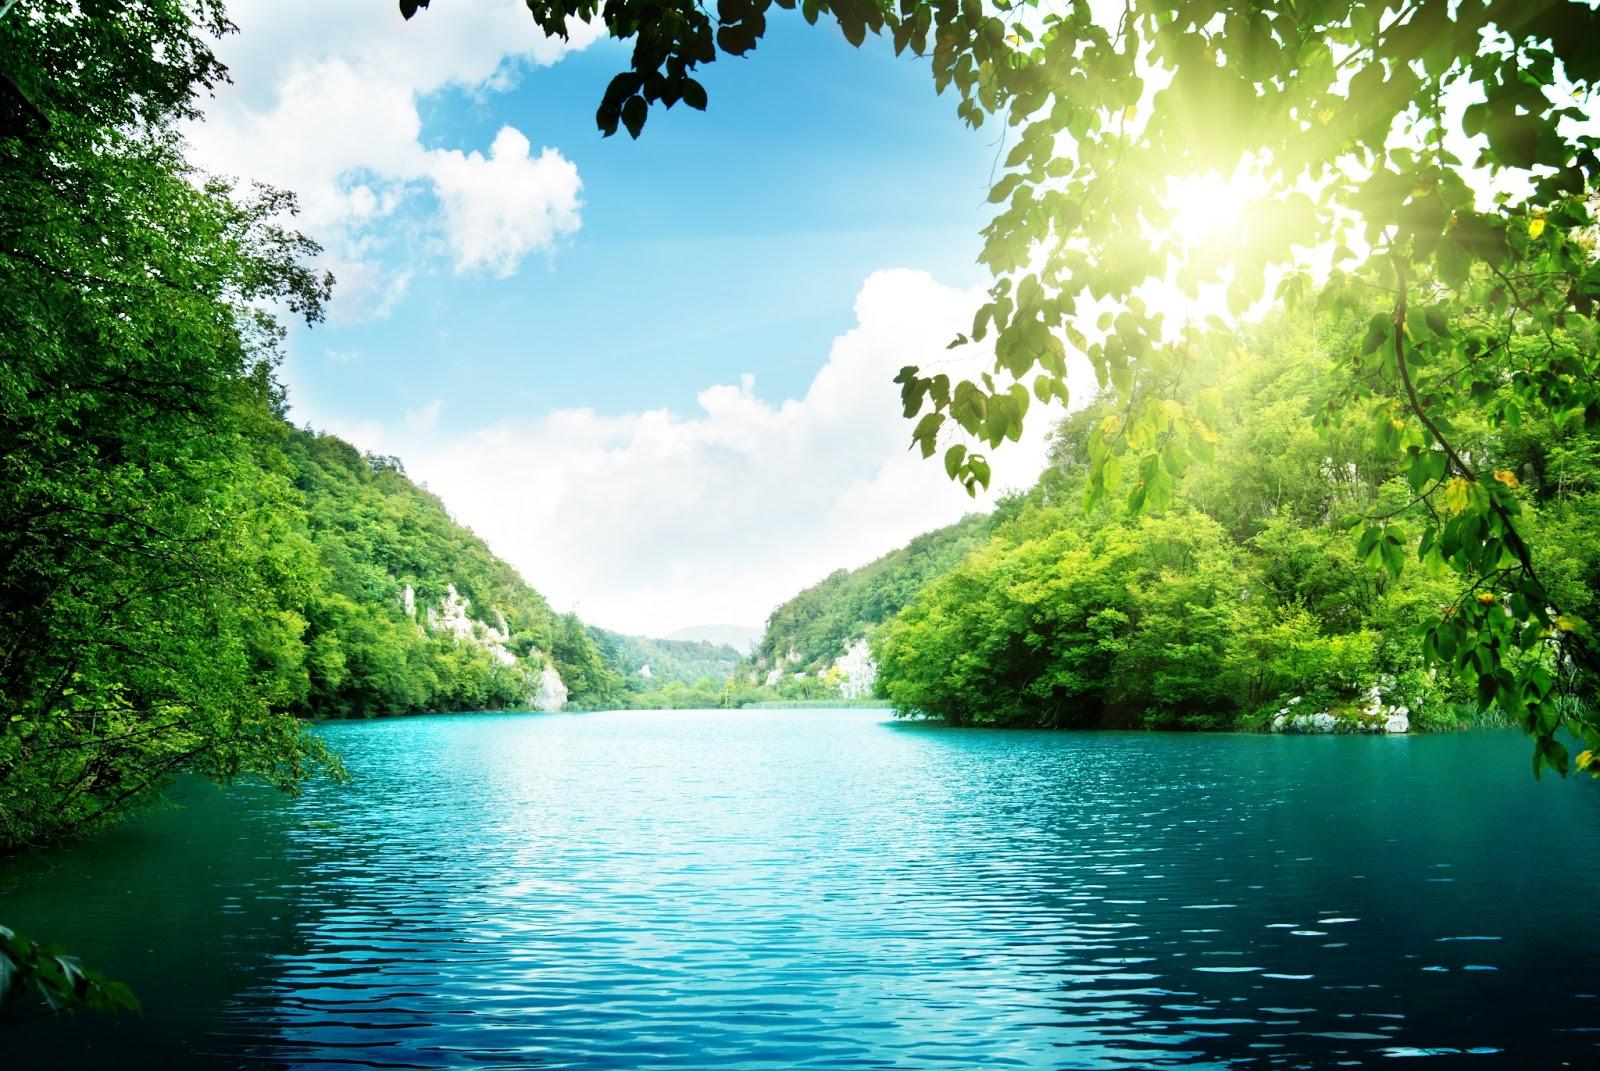 Isla-de-agua-turquesa-iluminada-por-los-rayos-del-sol-